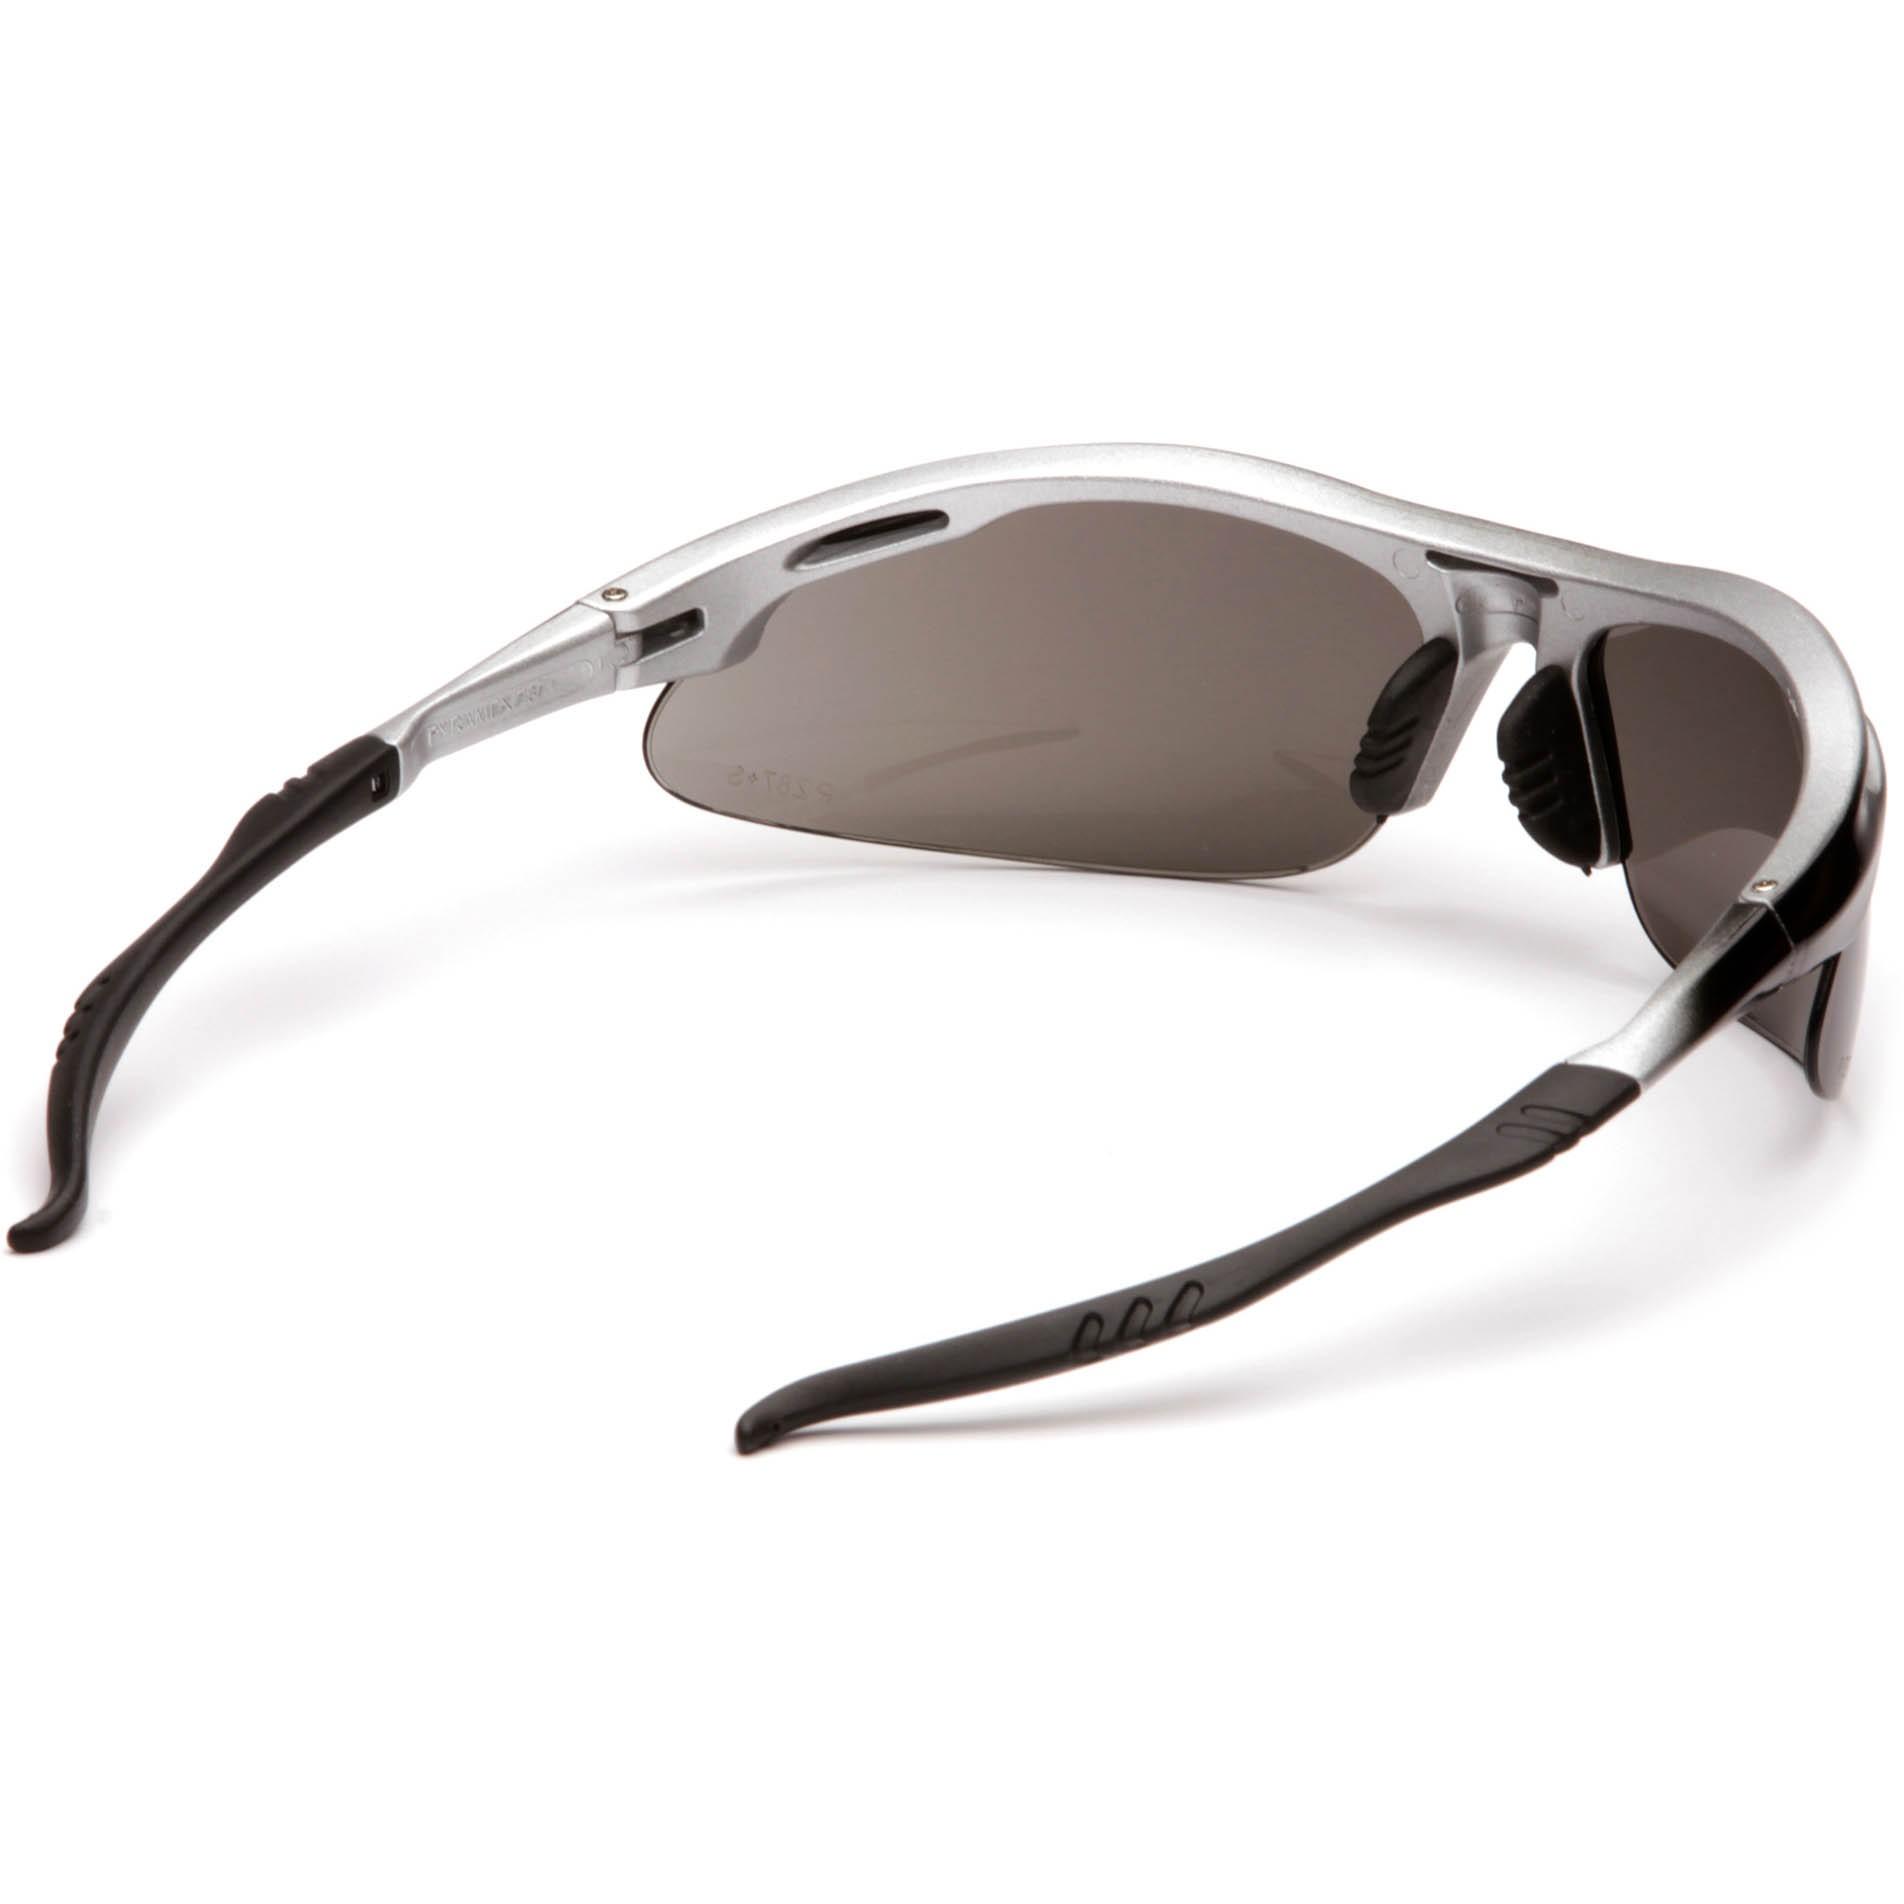 Glasses Gray Frame : Pyramex Avante Safety Glasses - Silver Frame - Gray Lens ...